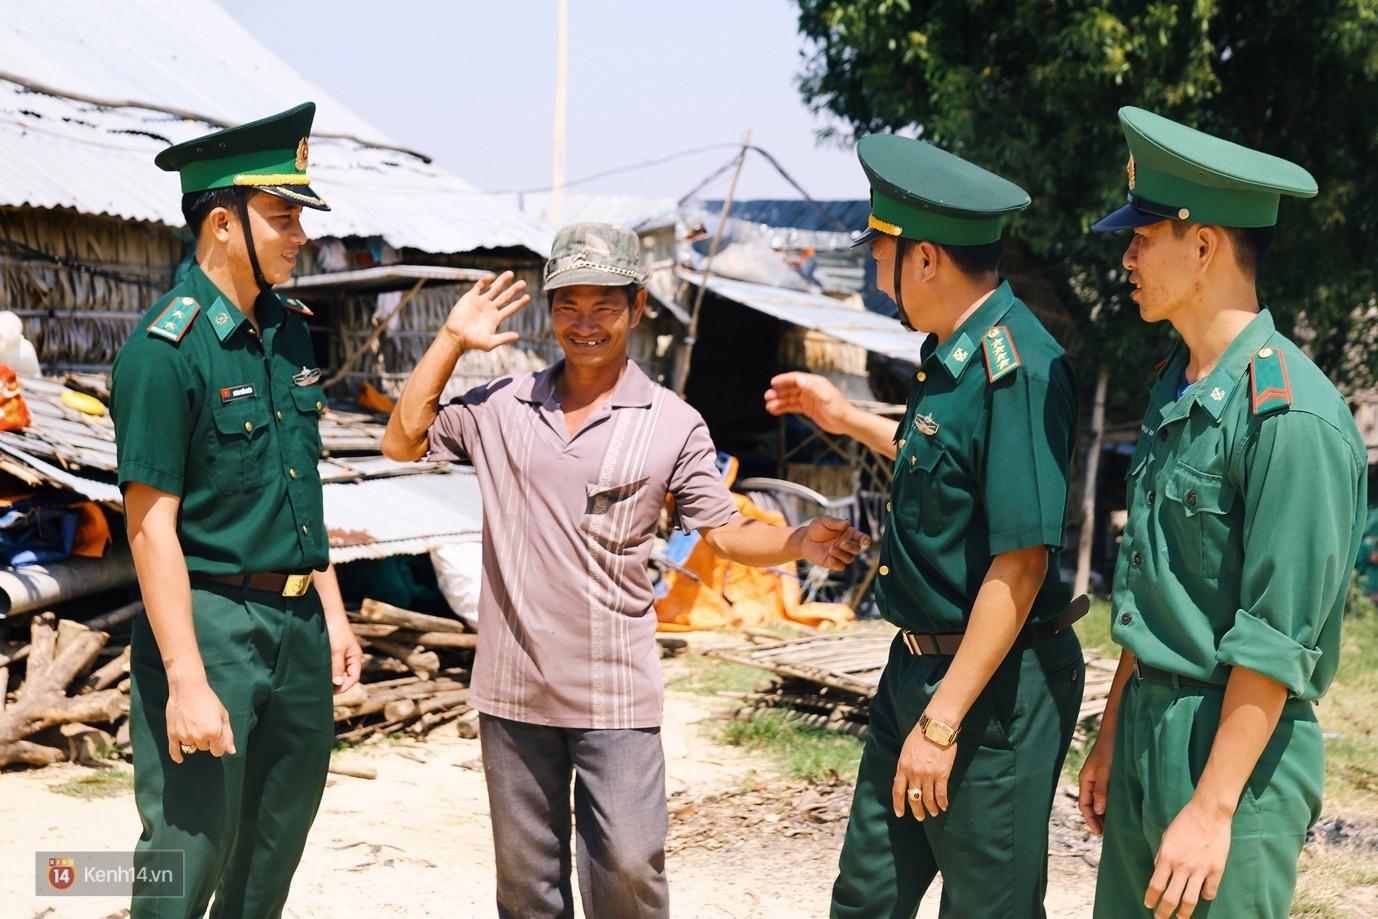 Những thầy giáo quân hàm xanh ở Vành đai biên giới Việt - Cam: Ngày tuần tra, đêm gieo chữ cho bọn trẻ không quốc tịch - Ảnh 7.